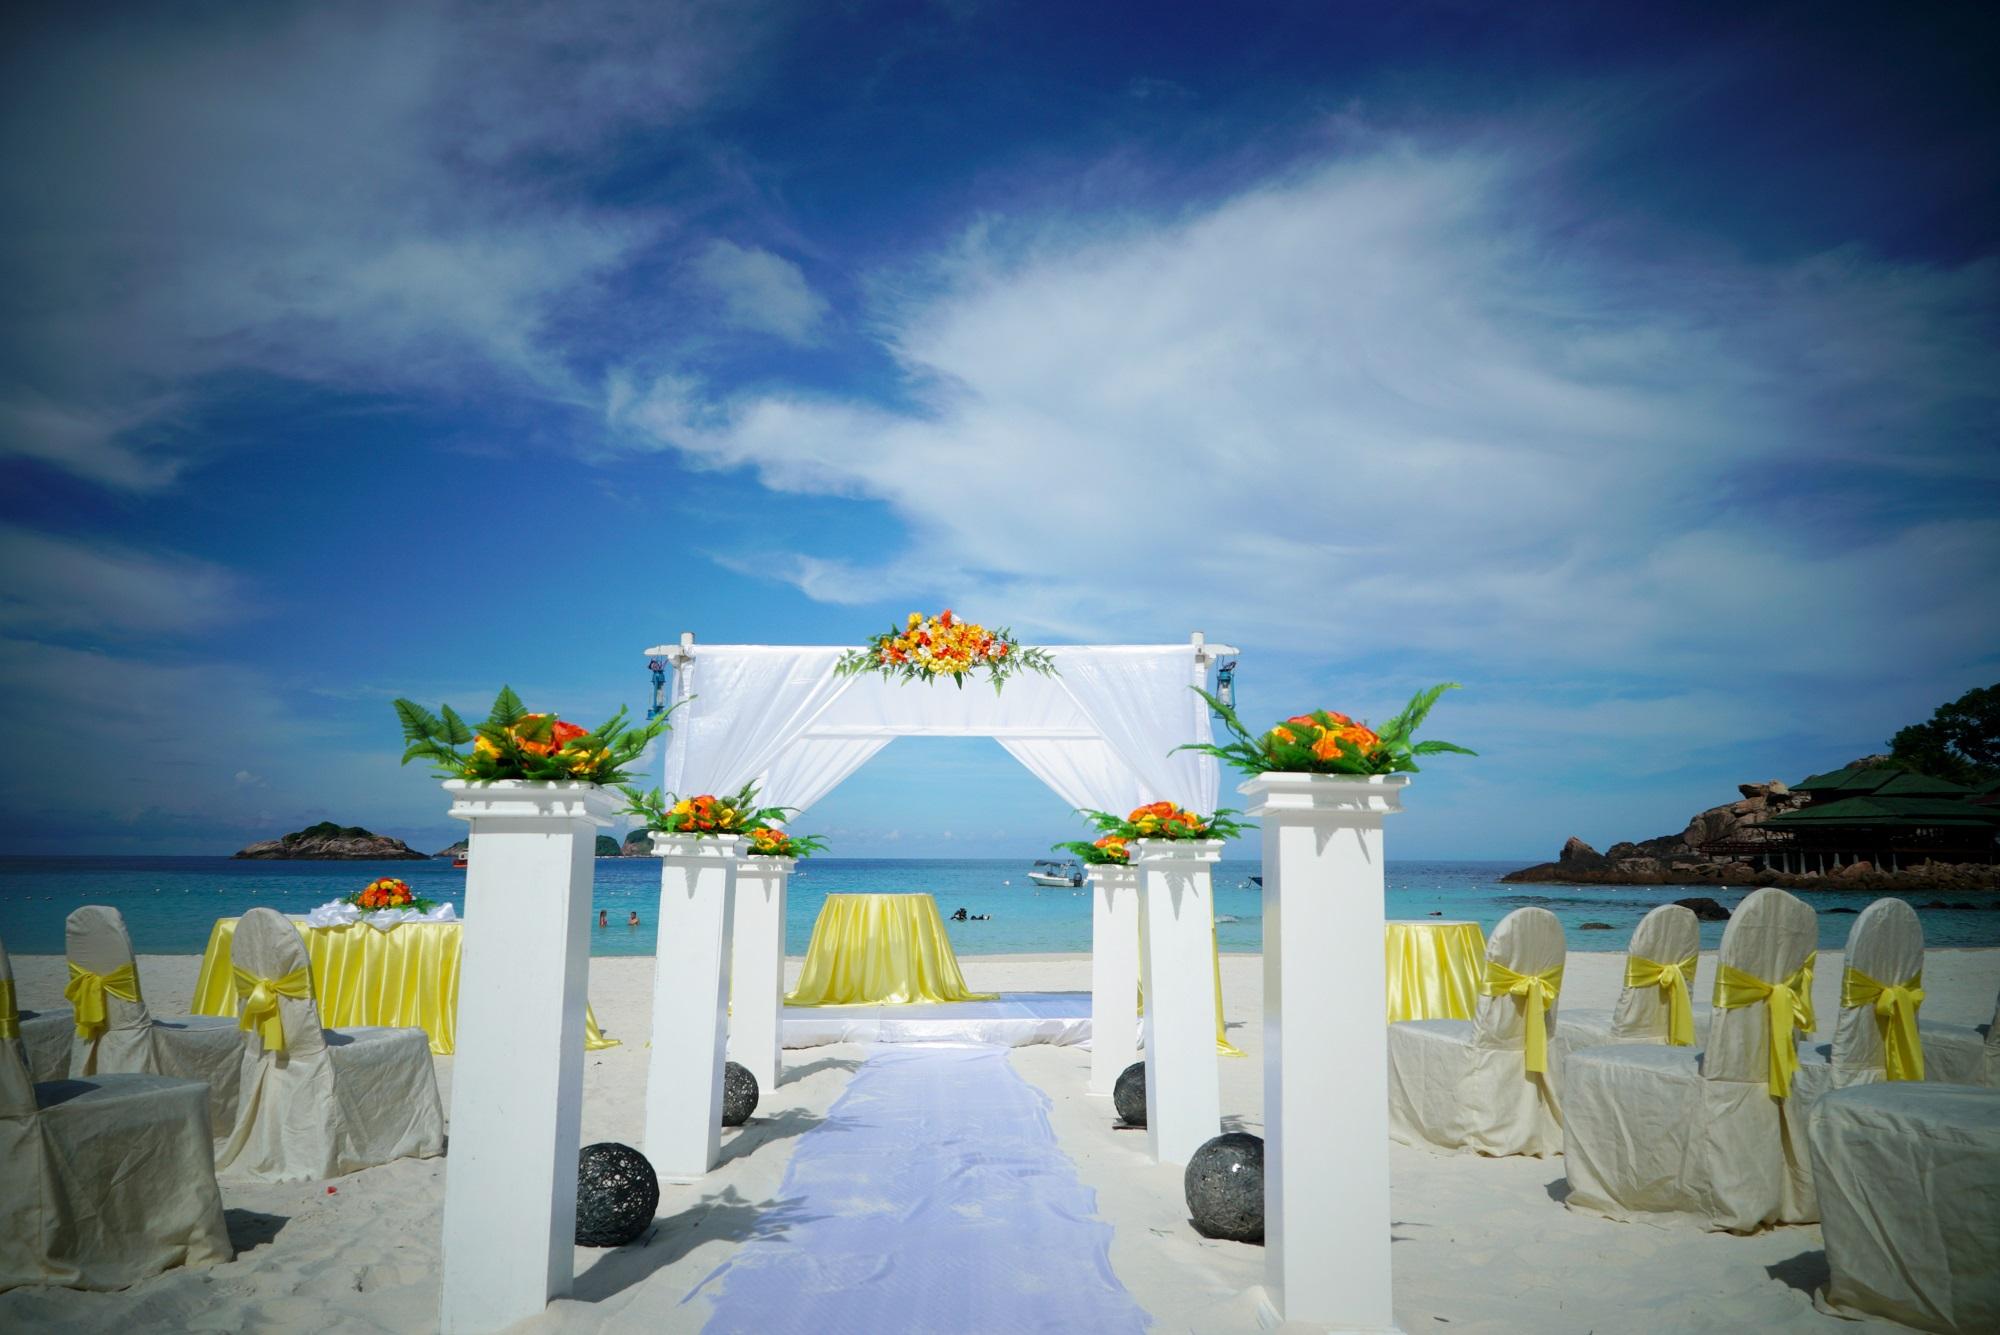 malaysia redang island beach wedding wedding arch setup